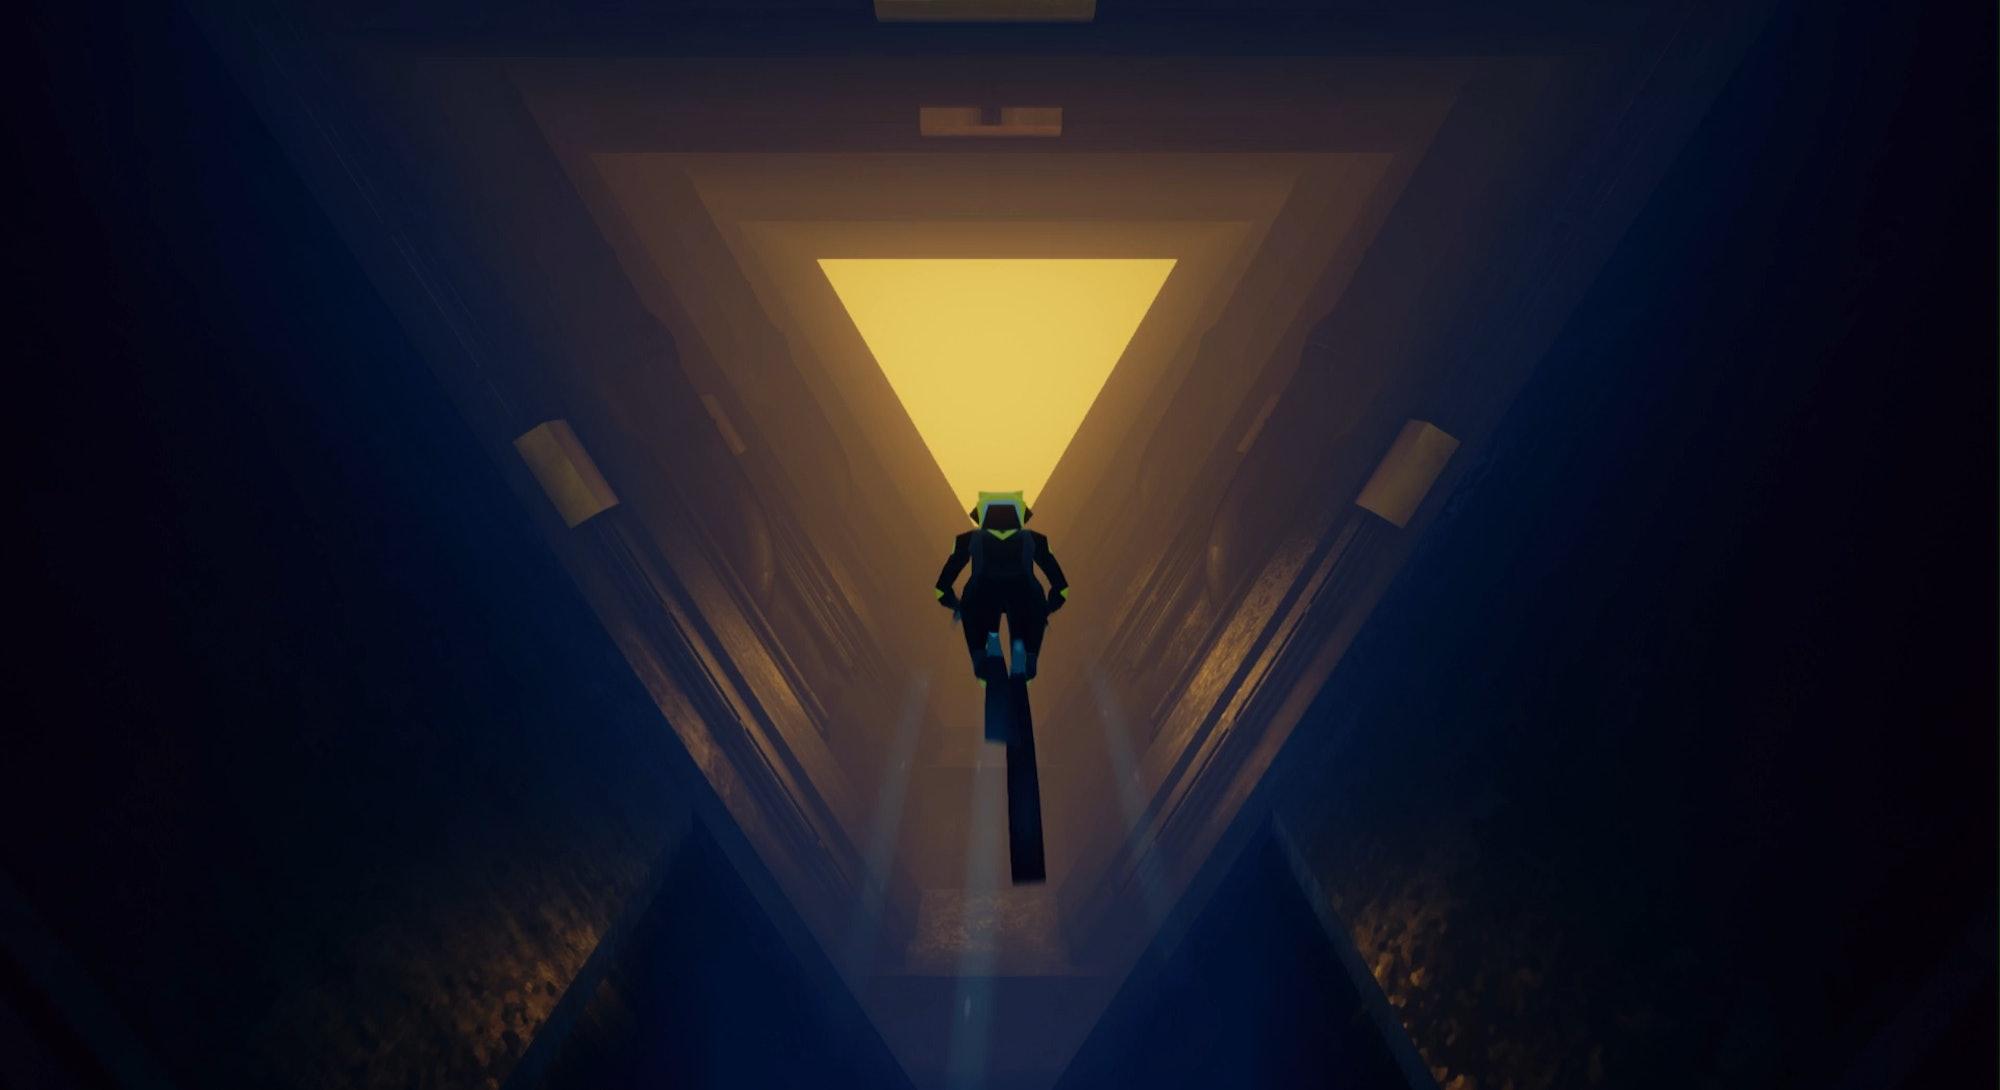 abzu screenshot diver looking into triangular door opening